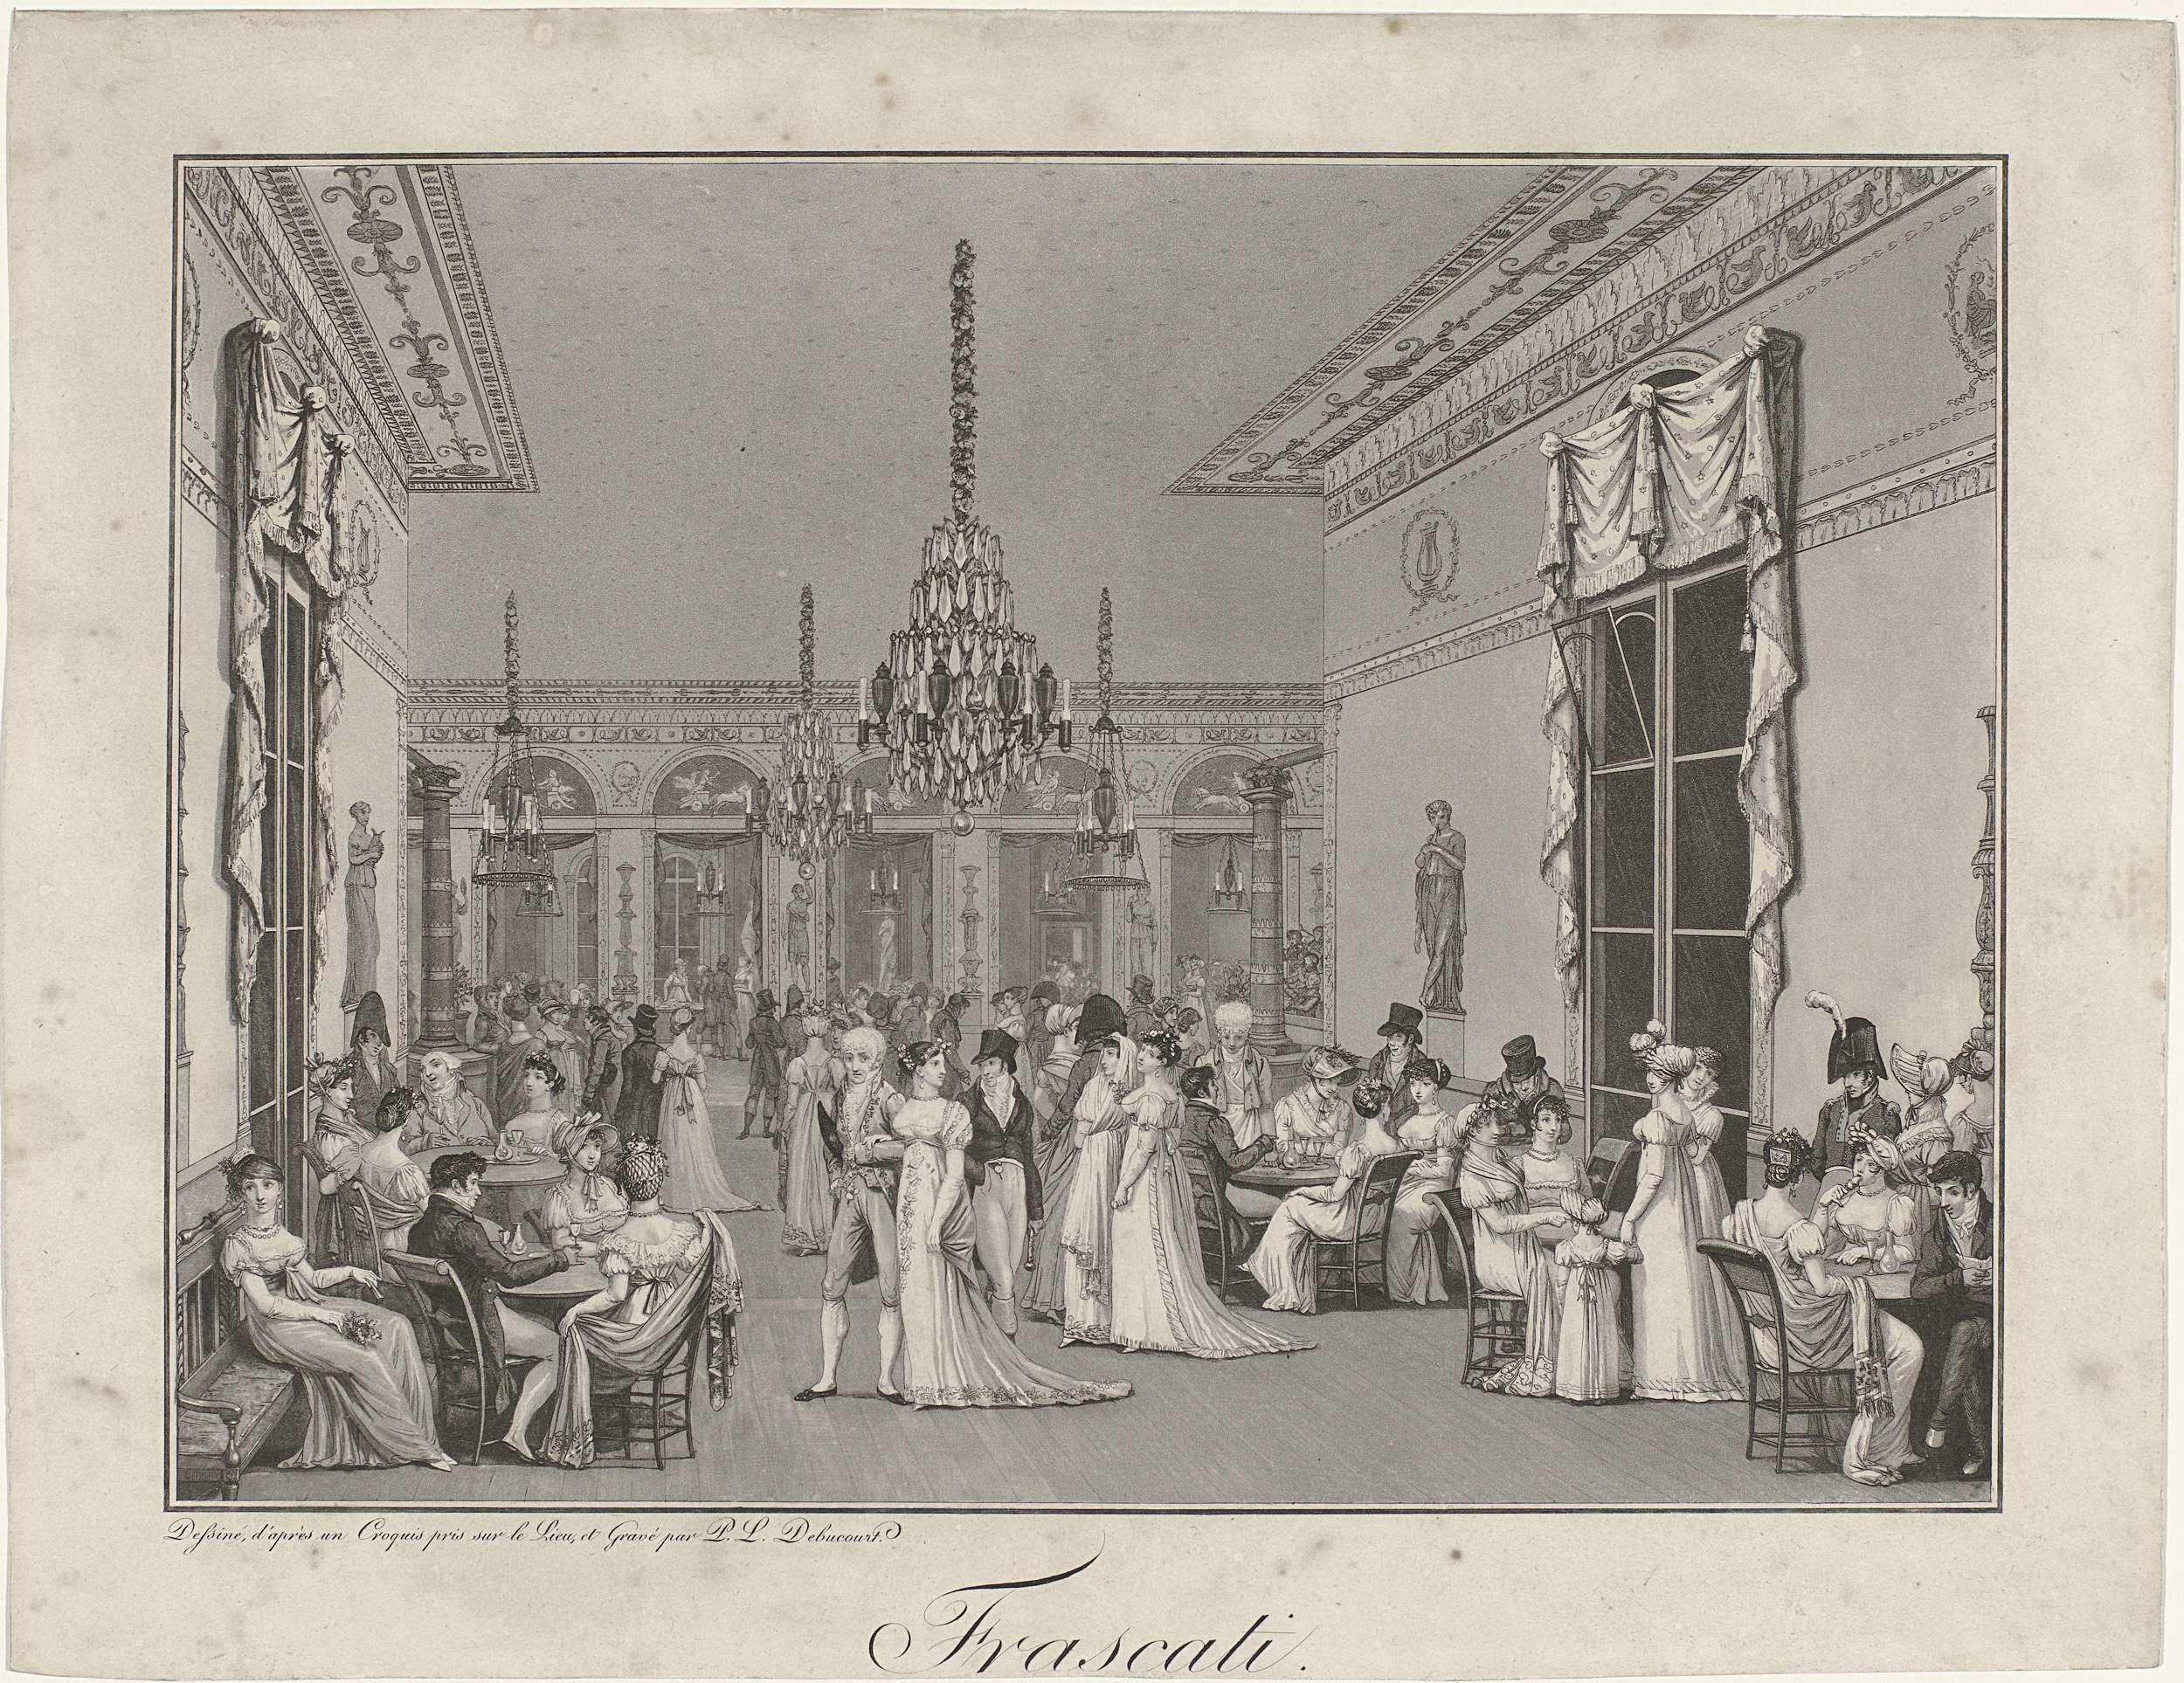 Philibert-Louis Debucourt | The Interior of the Café Frascati, Philibert-Louis Debucourt, 1807 | Interieur van het in 1789 geopende café Frascati bij de Opera in Parijs. Interieur in Empire-stijl met groot aantal bezoekers, zowel staand als zittend aan tafels. Sommigen drinken, anderen nuttigen ijsjes.